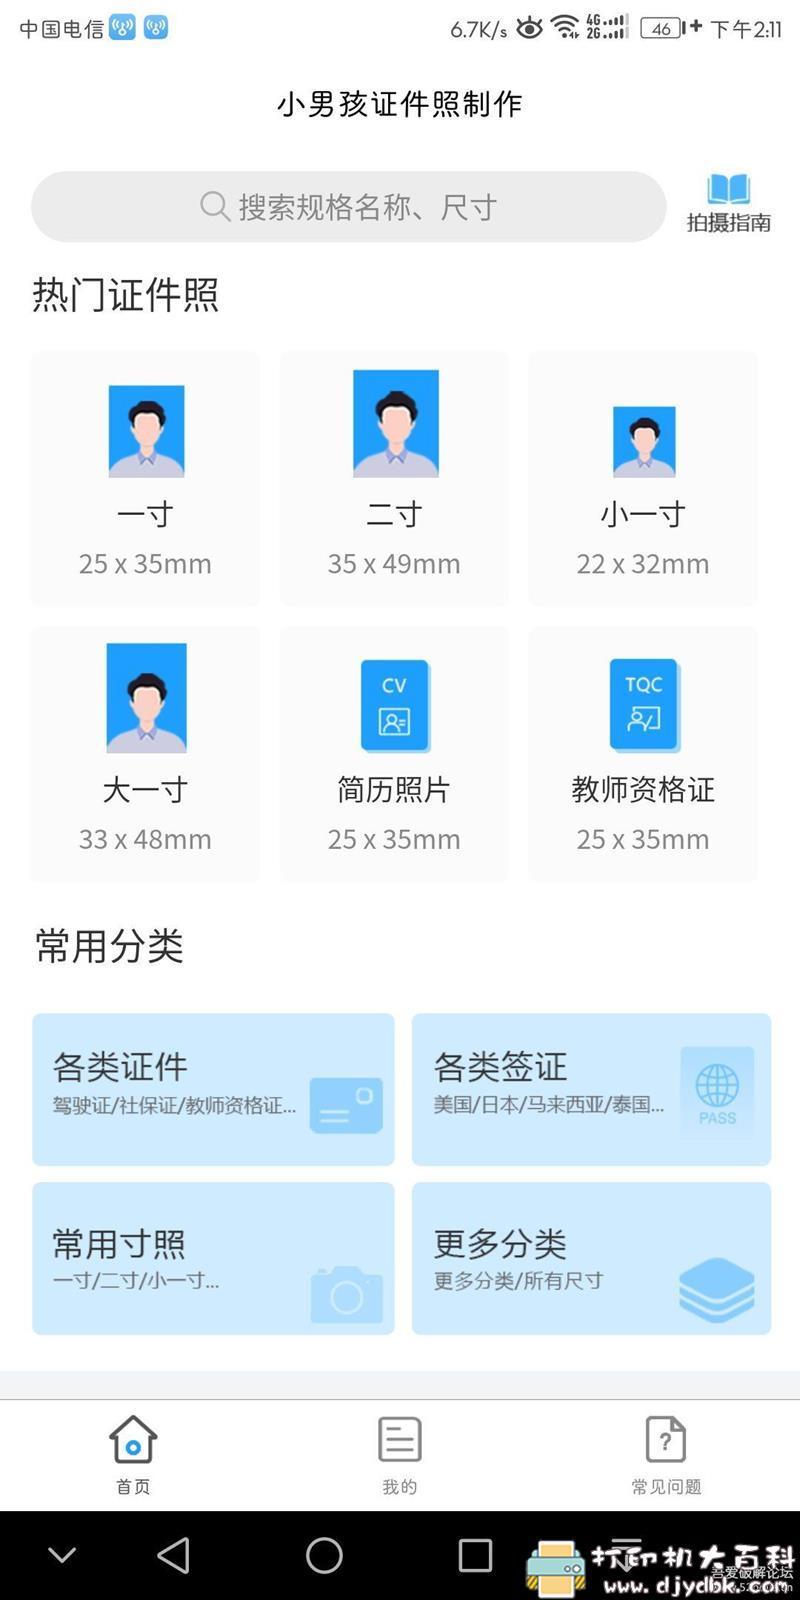 [Android]免费证件照制作工具:【小男孩证件照制作】支持500多种类型,一键换背景色自动排版自动美颜 配图 No.1